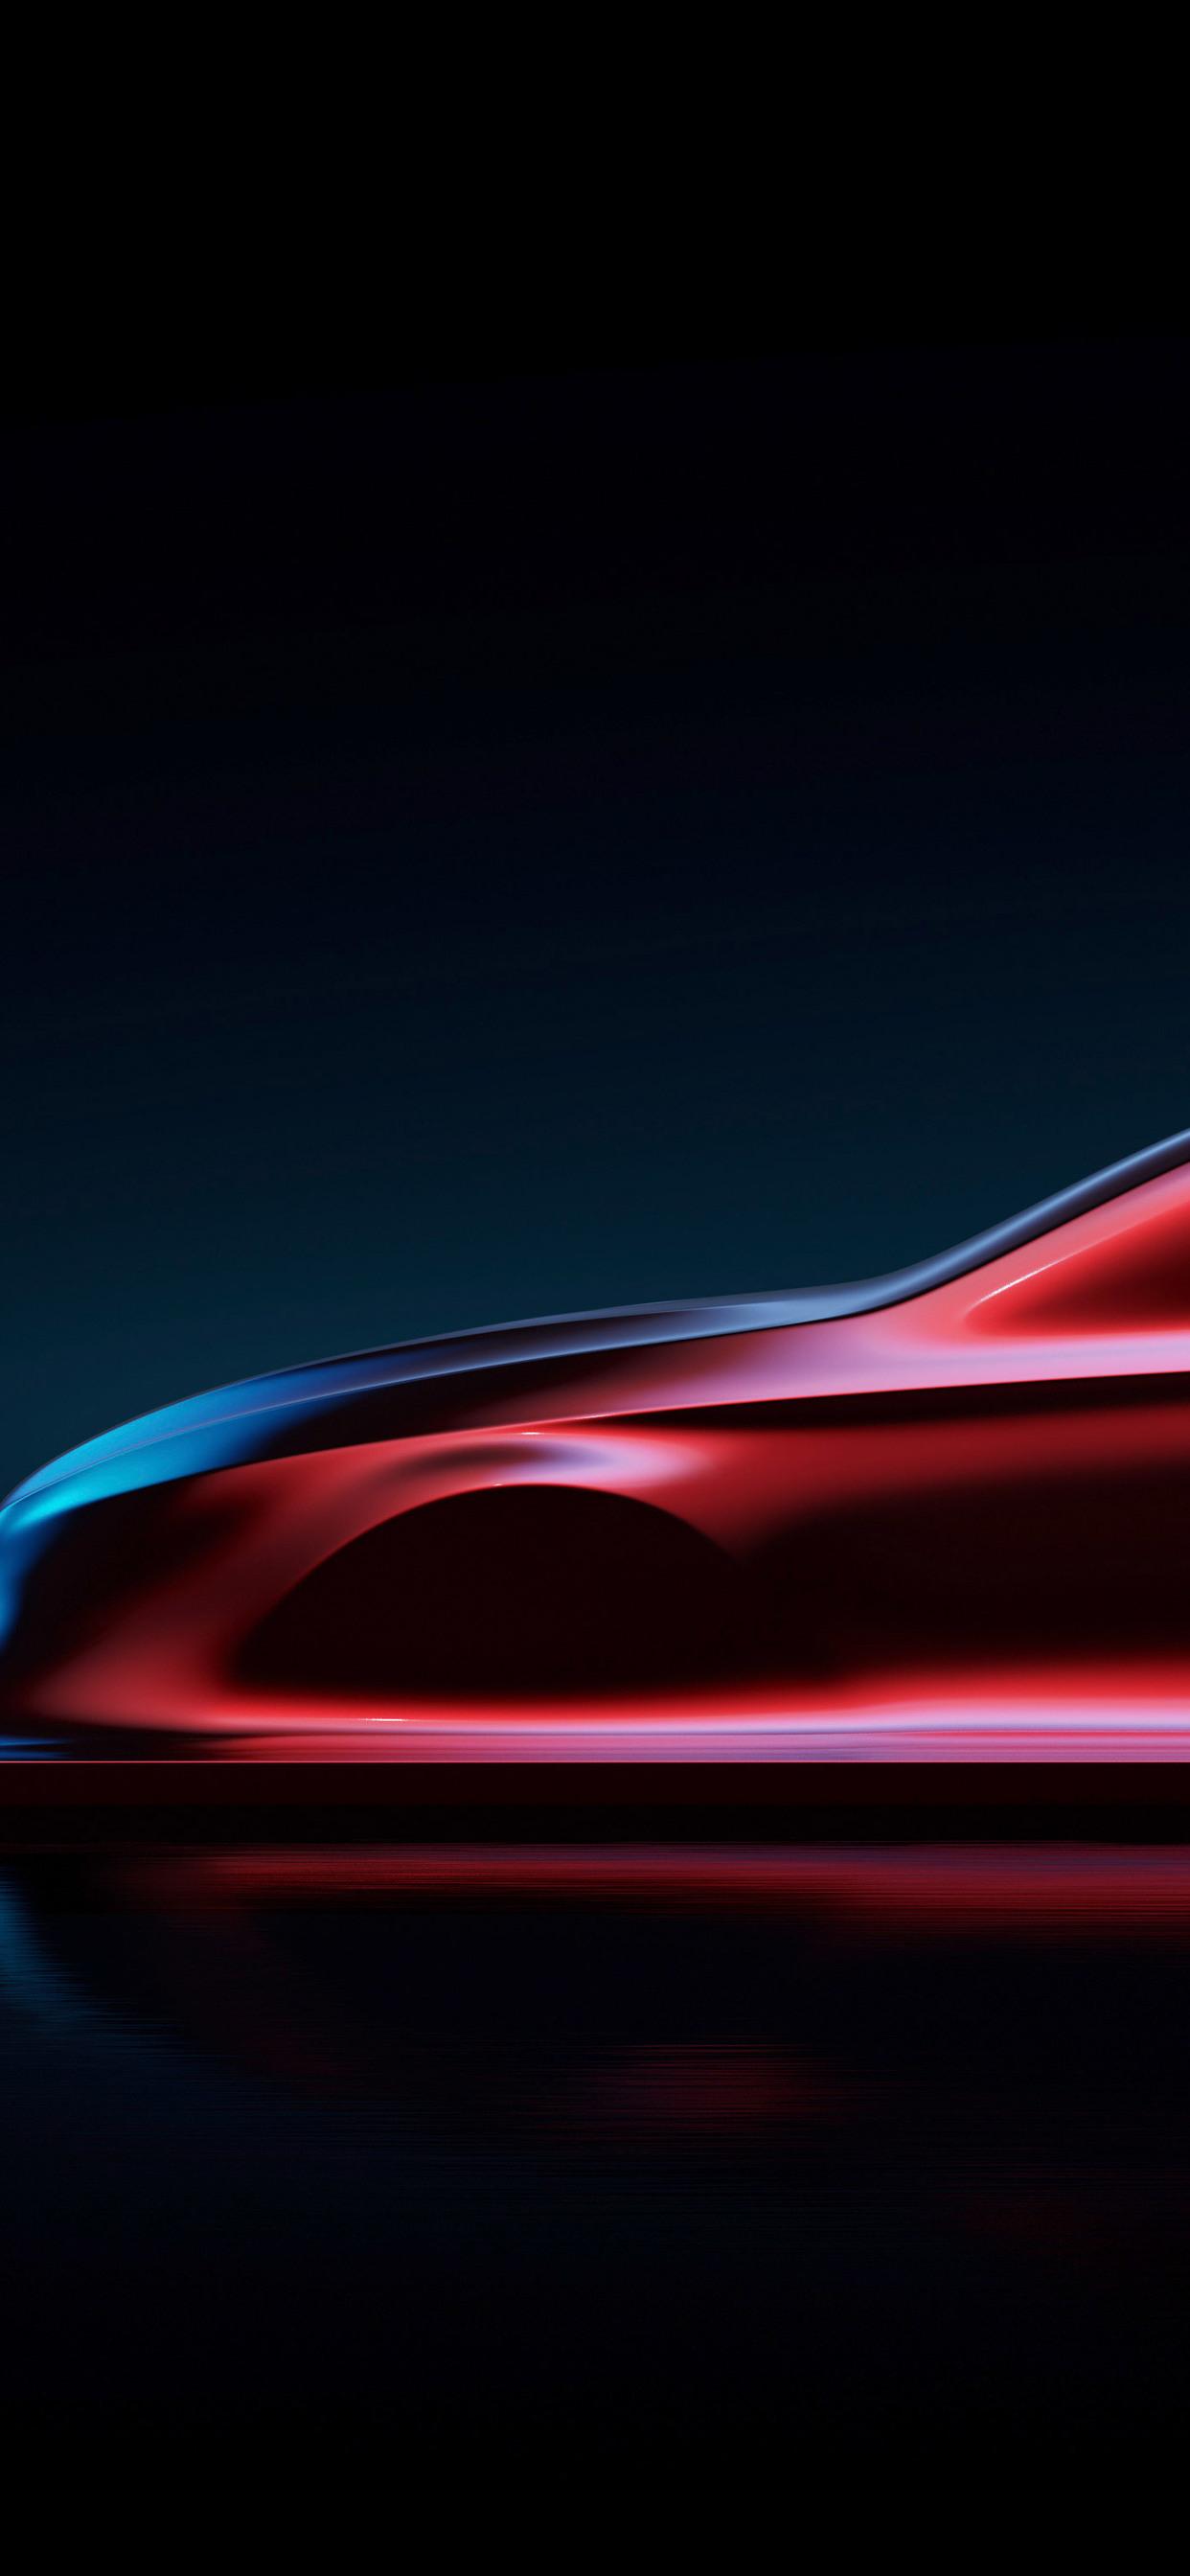 1242x2688 Mercedes Benz Aesthetics A Concept Iphone Xs Max Hd 4k